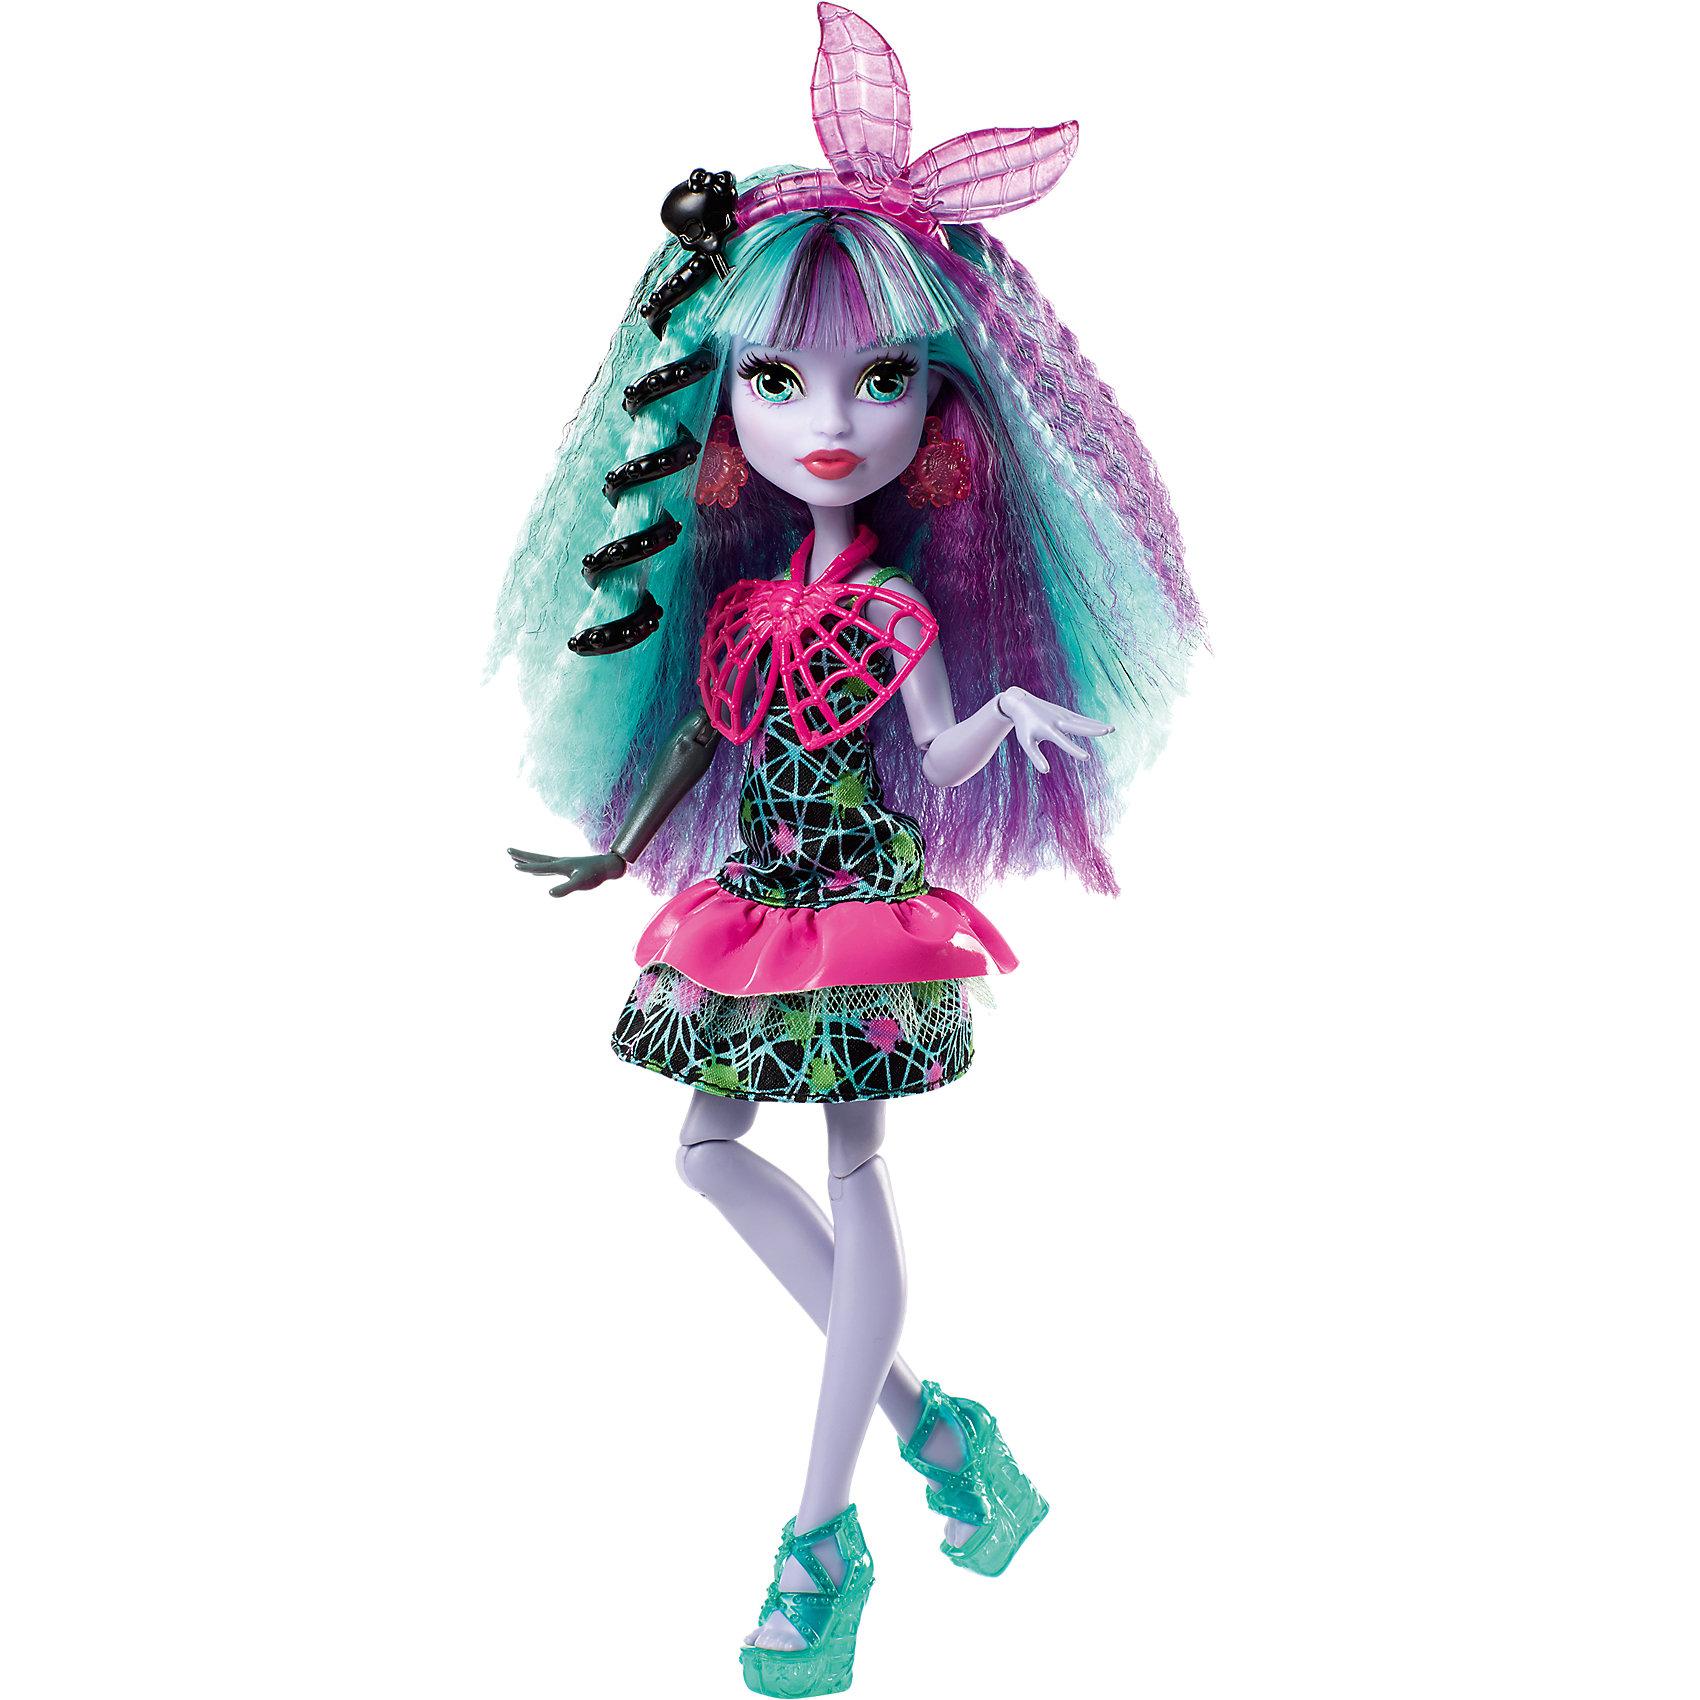 Монстряшка Твила из серии Под напряжением, Monster HighКуклы<br>Характеристики товара:<br><br>• комплектация: кукла, аксессуары<br>• материал: пластик, текстиль<br>• серия: Под напряжением<br>• руки, ноги гнутся<br>• высота куклы: 28 см<br>• возраст: от трех лет<br>• размер упаковки: 20.3x32.4x6.4 см<br>• вес: 0,3 кг<br>• страна бренда: США<br><br>Такая современная кукла порадует маленьких любительниц мультфильмов про мир Monster High. Костюм героини мультфильма дополняет обувь и аксессуары. Руки и ноги гнутся! Кукла Твила из серии Под напряжением, Monster High, станет великолепным подарком для девочек.<br><br>Таки куклы помогают девочкам отработать сценарии поведения в обществе, развить воображение и мелкую моторику. Кукла от бренда Mattel не перестает быть популярной! <br><br>Куклу Монстряшка Твила из серии Под напряжением, Monster High от компании Mattel можно купить в нашем интернет-магазине.<br><br>Ширина мм: 329<br>Глубина мм: 205<br>Высота мм: 66<br>Вес г: 235<br>Возраст от месяцев: 72<br>Возраст до месяцев: 120<br>Пол: Женский<br>Возраст: Детский<br>SKU: 5089103